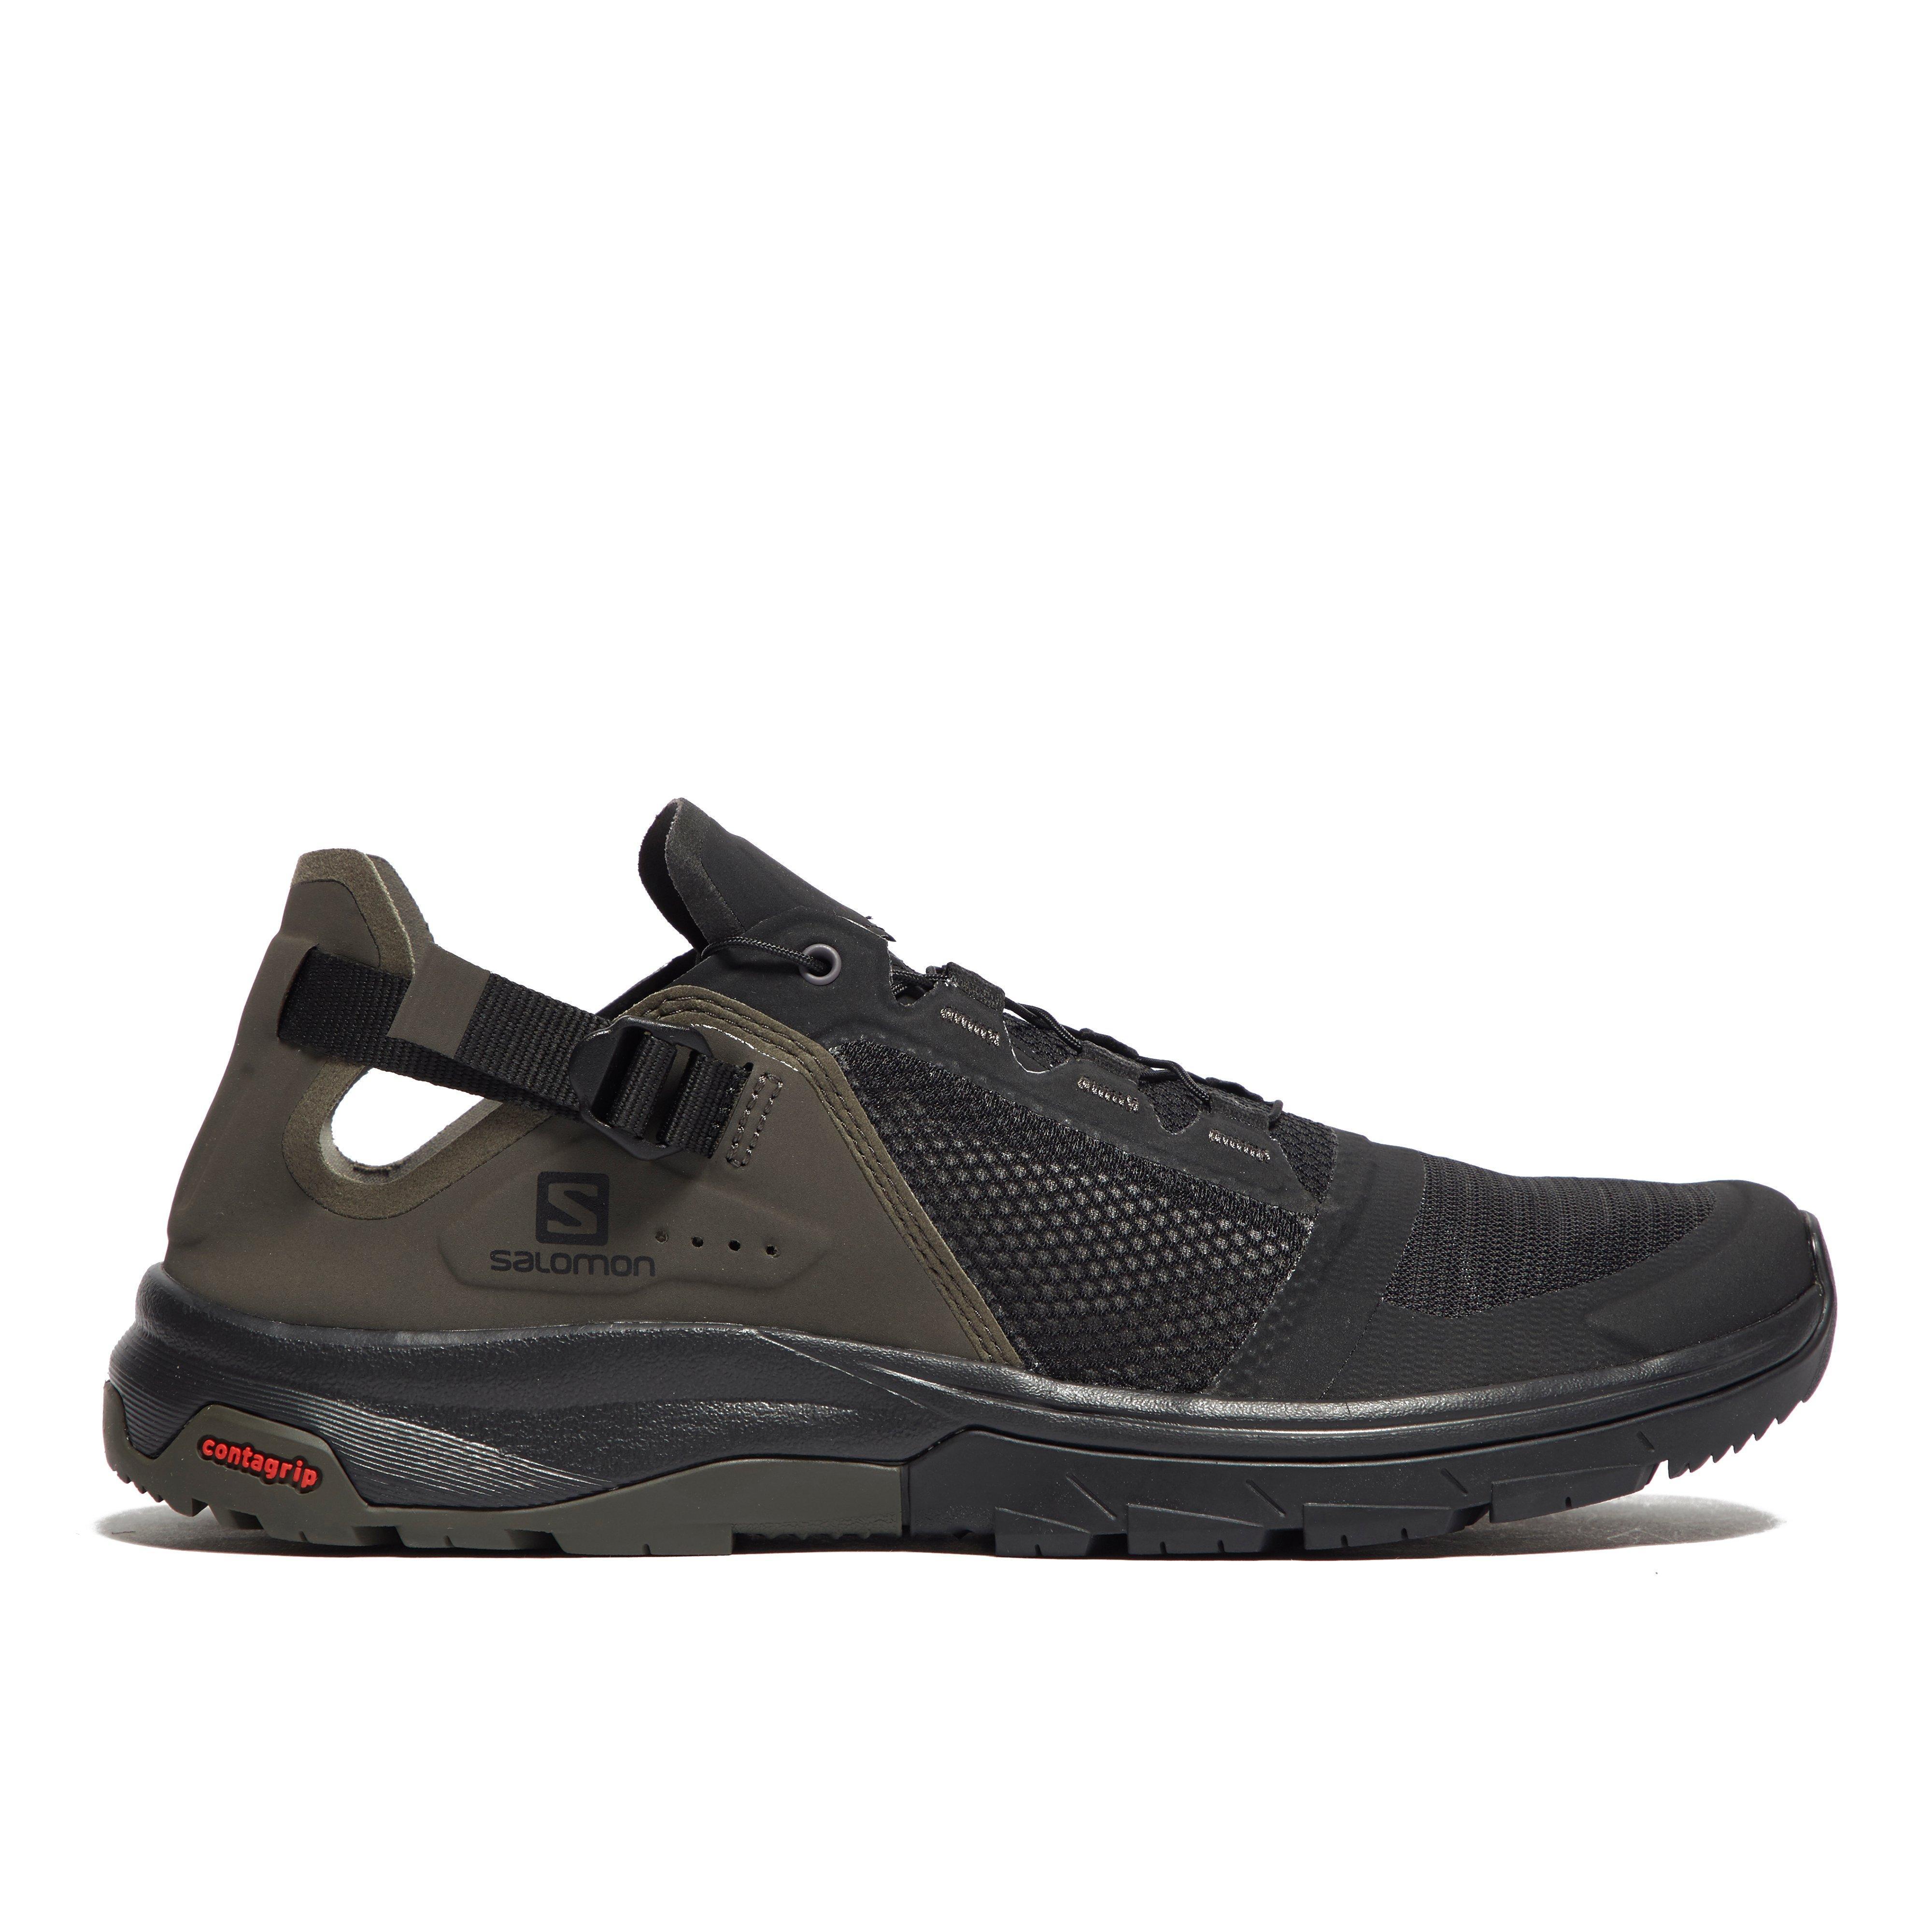 5d982721e3c0 Details about Salomon Techamphibian 4 Men s Water-Shedding Shoes